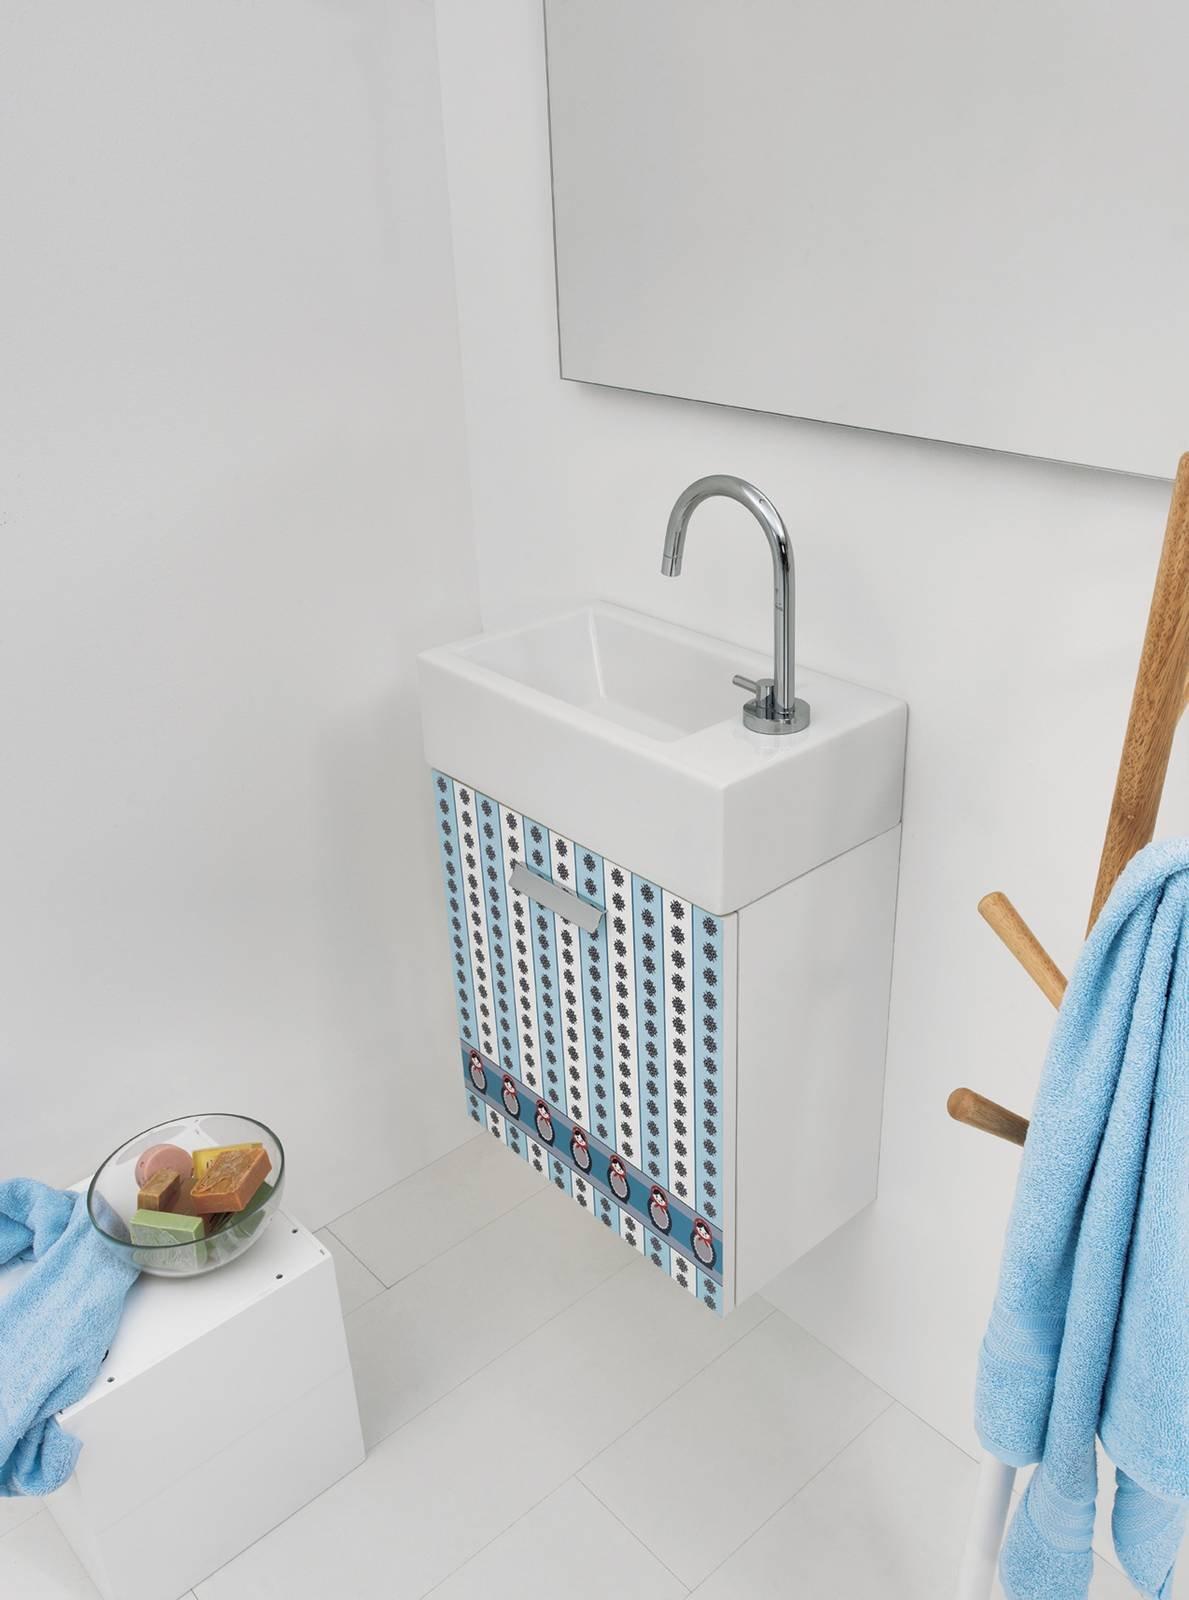 mini lavabo in ceramica acquaceramica mini di colavene il decoro dellanta spring